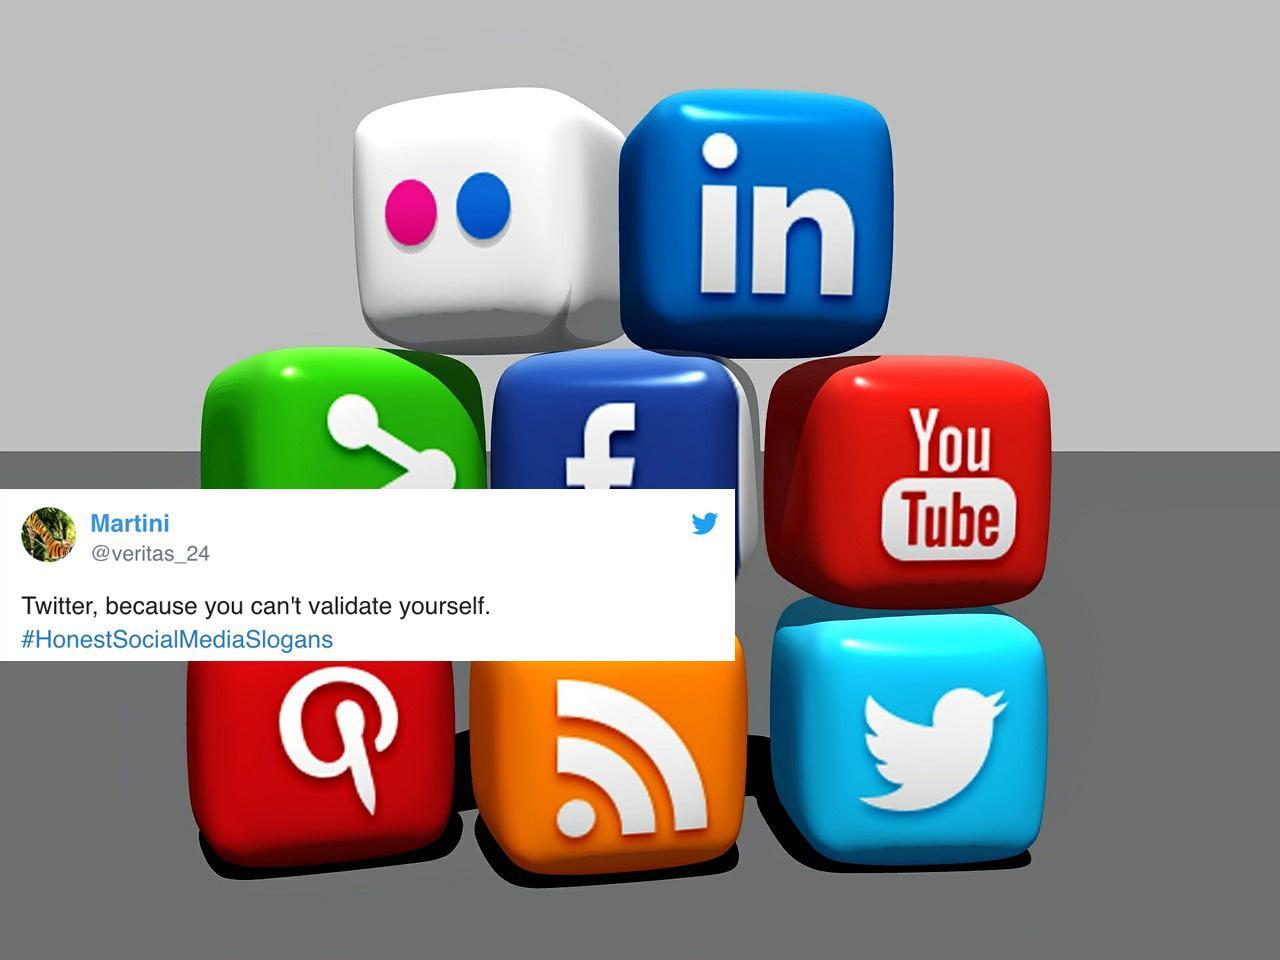 social-media-488886_1280copy-1510328097189-1510328099573.jpg